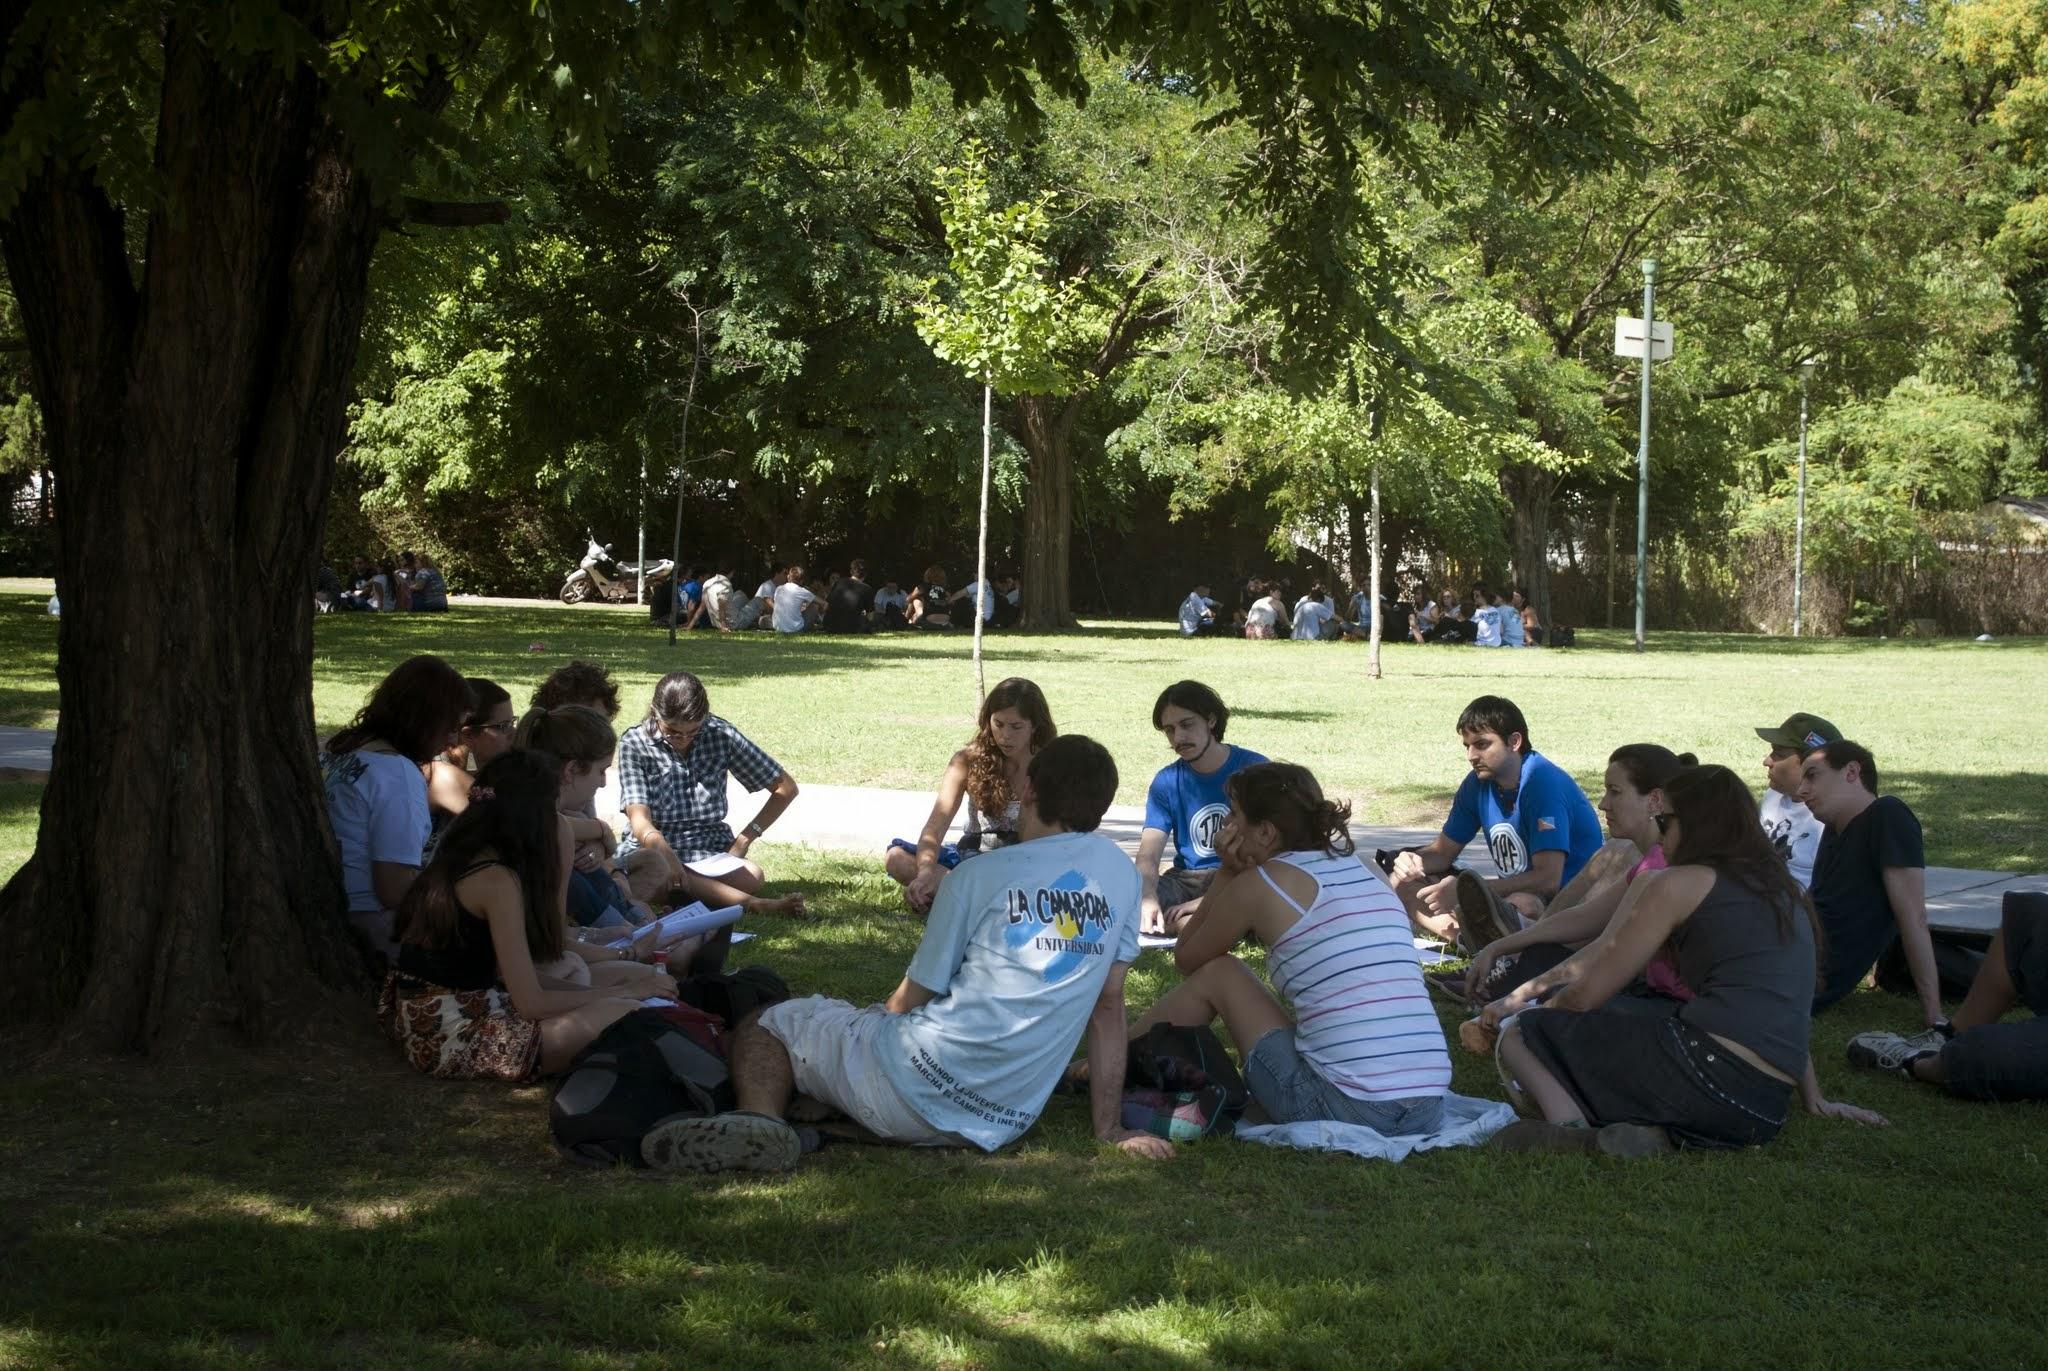 Jornada de cierre año 2013 del Frente Universitario de La Cámpora en la UBA